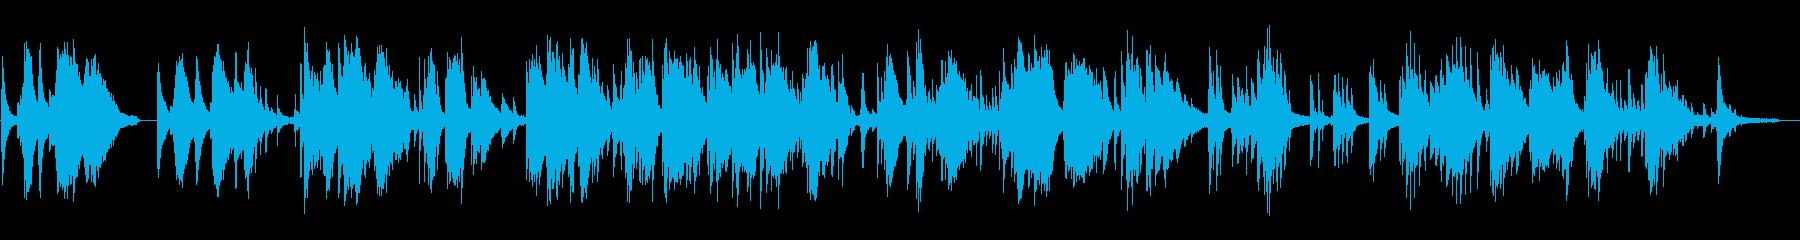 静かな雨の日のピアノの再生済みの波形